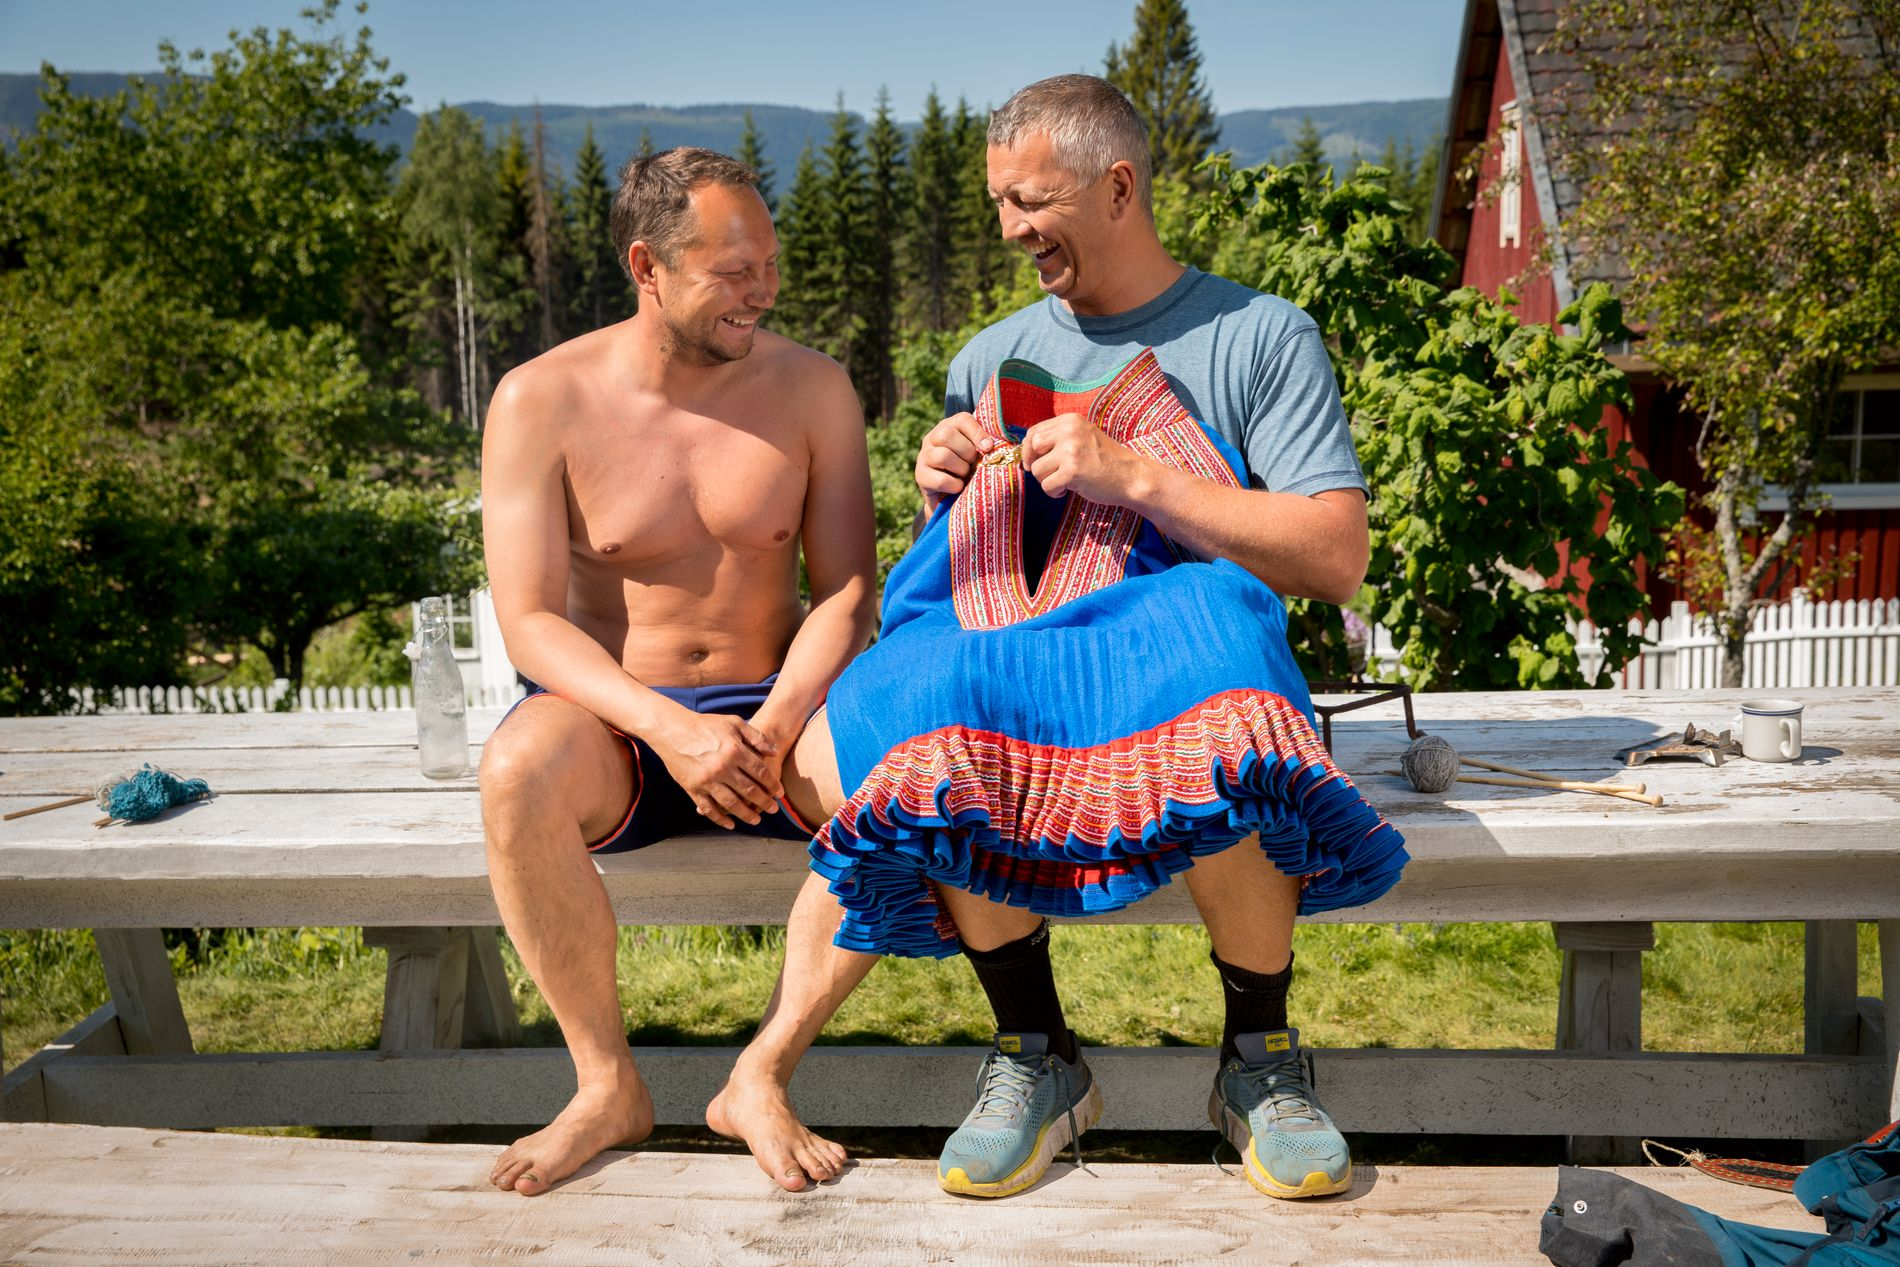 SMILTE OG LO: Stemningen var god mellom Ole «Lukkøye» Klemetsen og Ronald Pulk. Men det var ikke alle som kom like godt overens inne på gården.